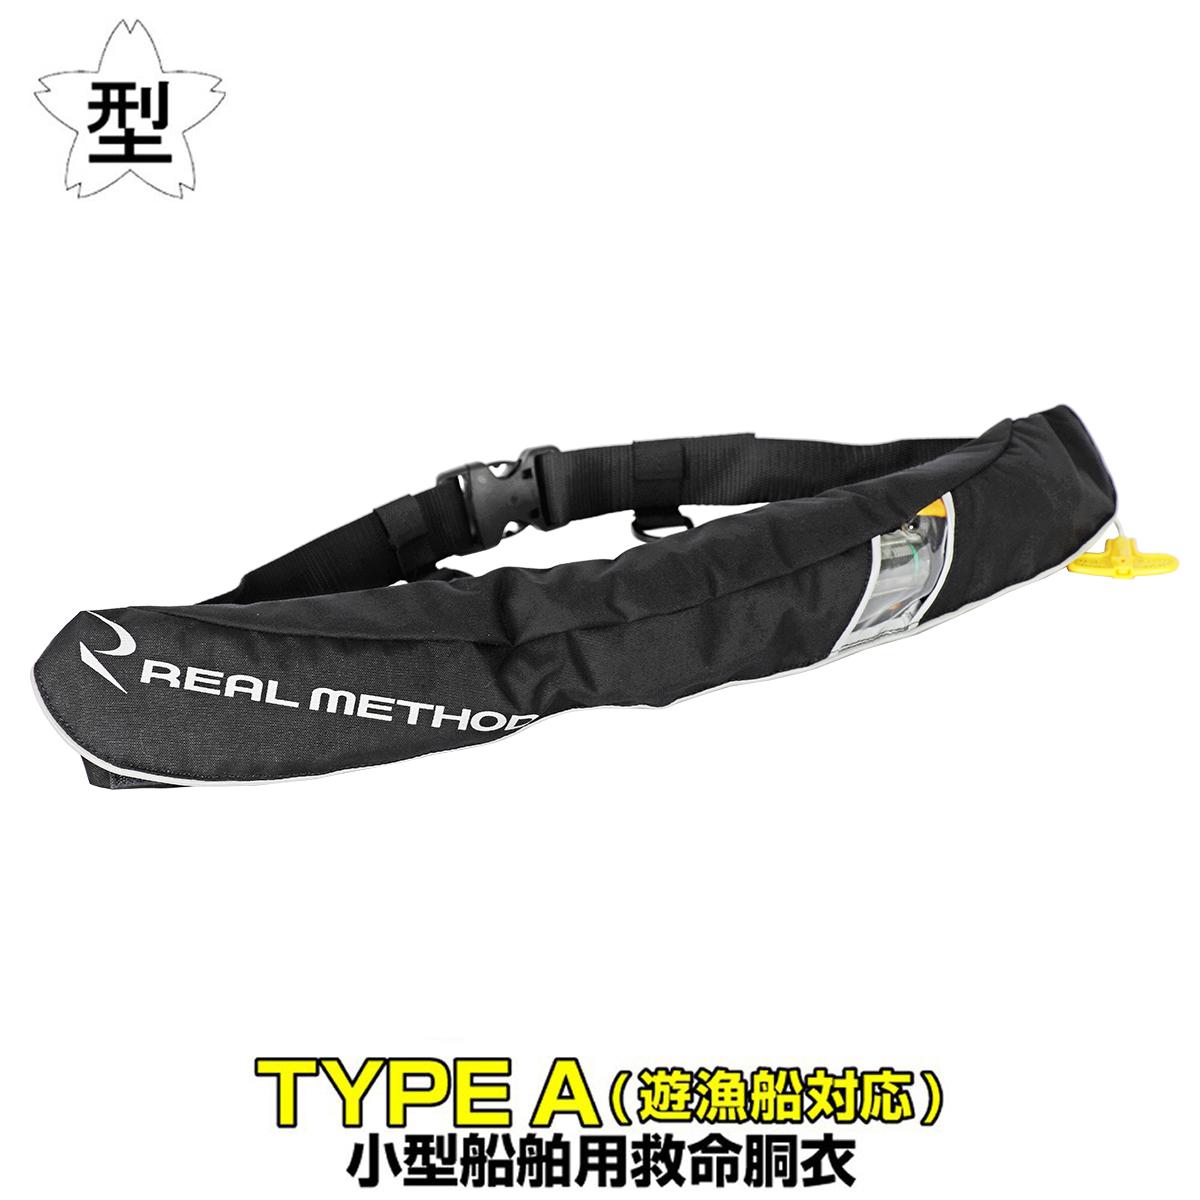 タカミヤ REAL METHOD 自動膨脹式ライフジャケット ウエストベルトタイプ RM-5520RSII ブラック ※遊漁船対応(東日本店)